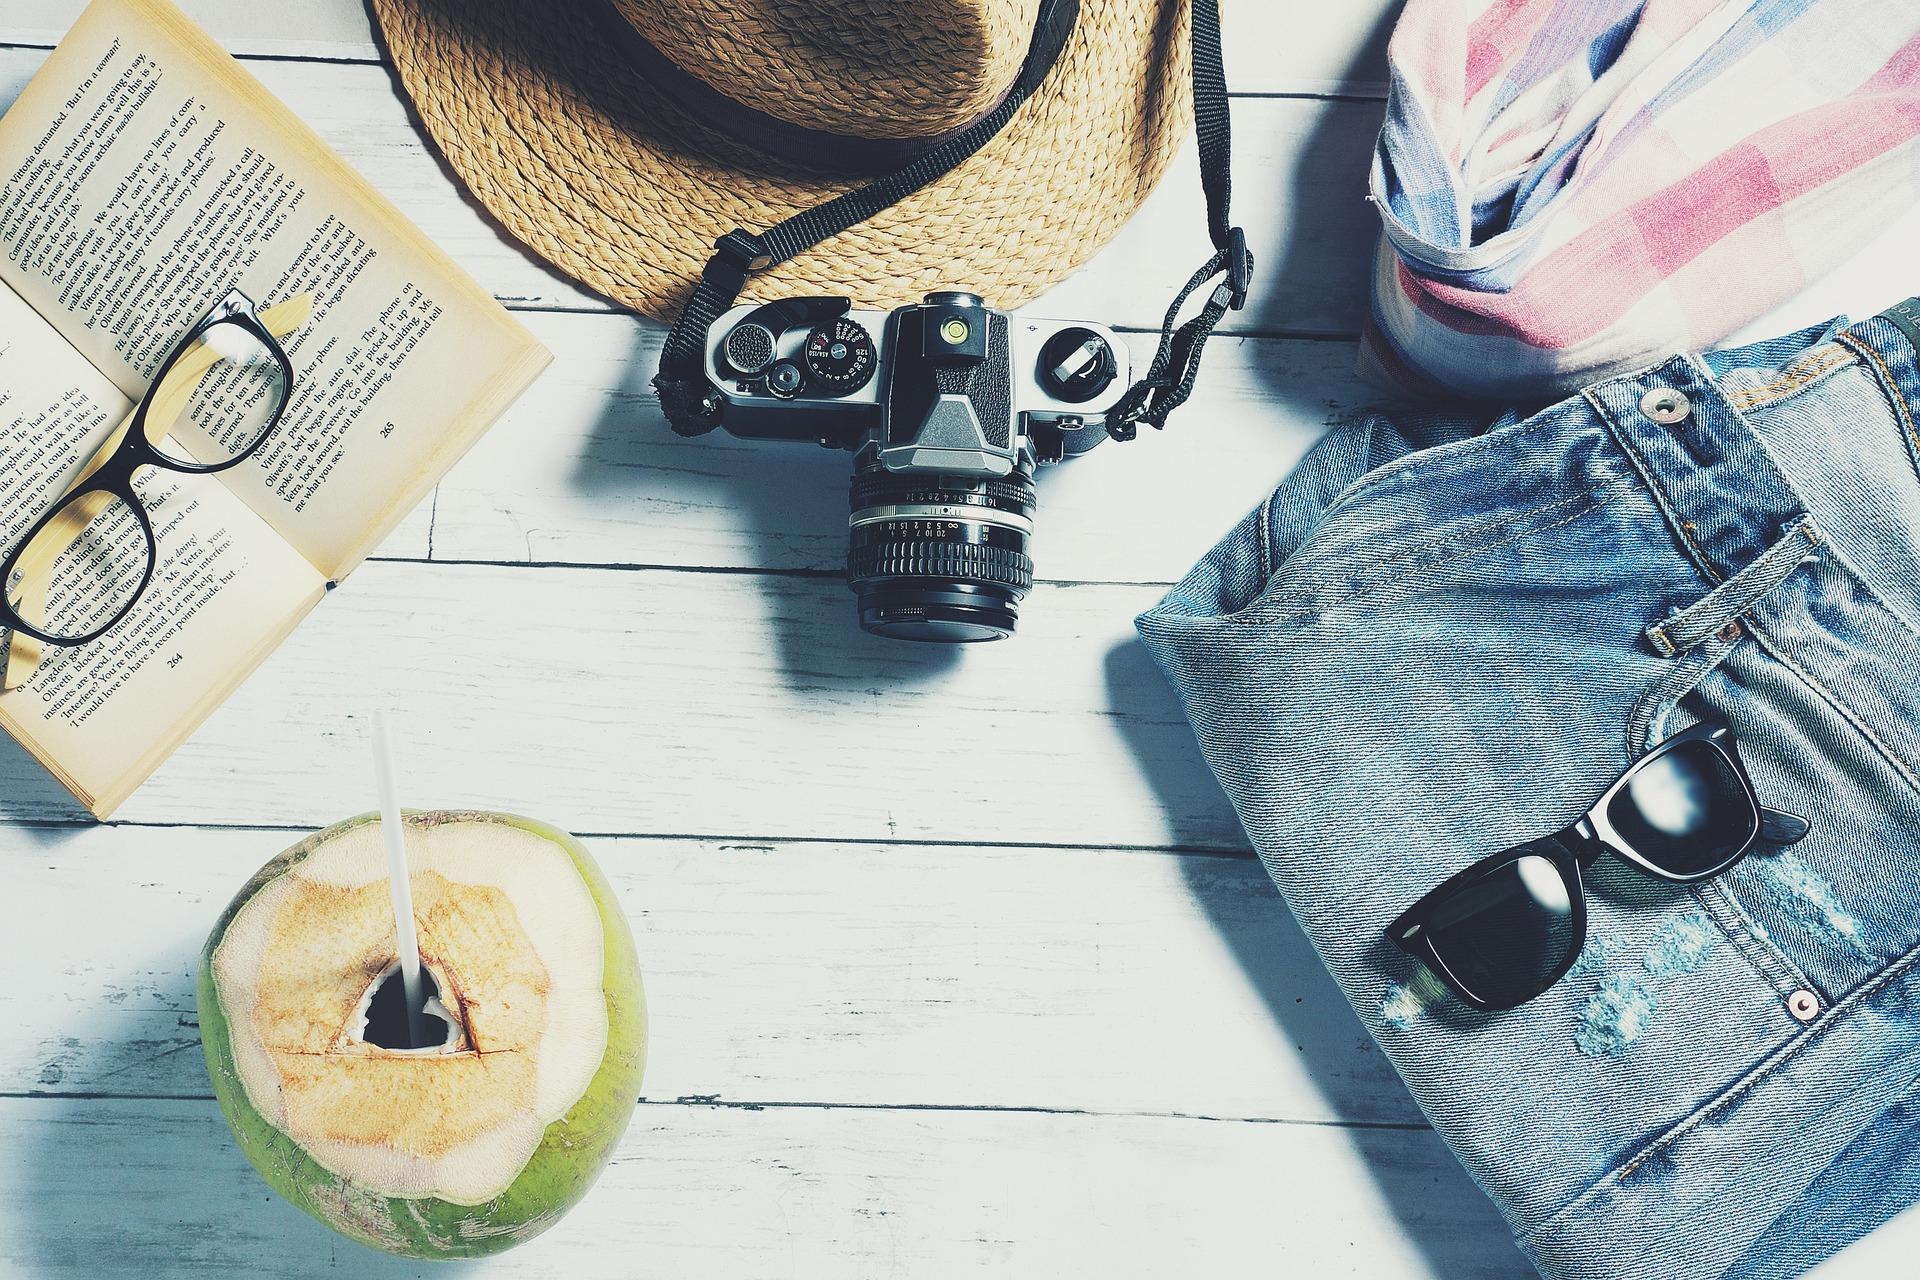 ferie illustrasjon, kamera, kokosnøtt solbriller , bok og skjerf